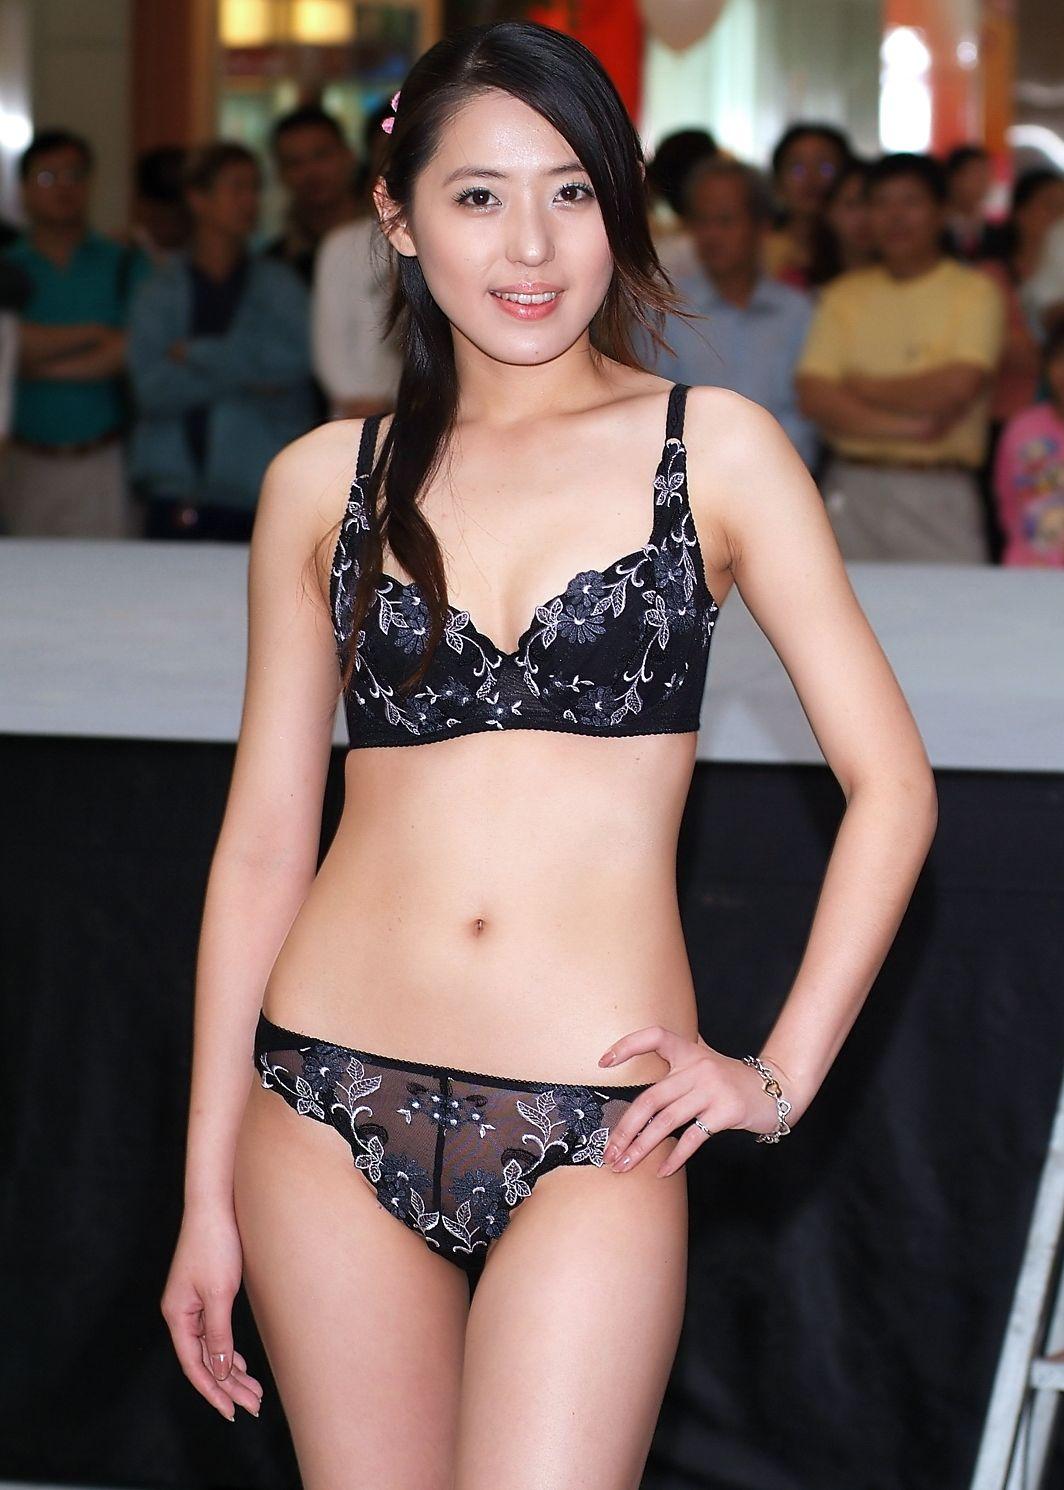 下着ショー 中国 陰毛 下着ファッションショー エロ画像63枚!中国人モデルのランジェリーショーがエロすぎるんだがwwwww